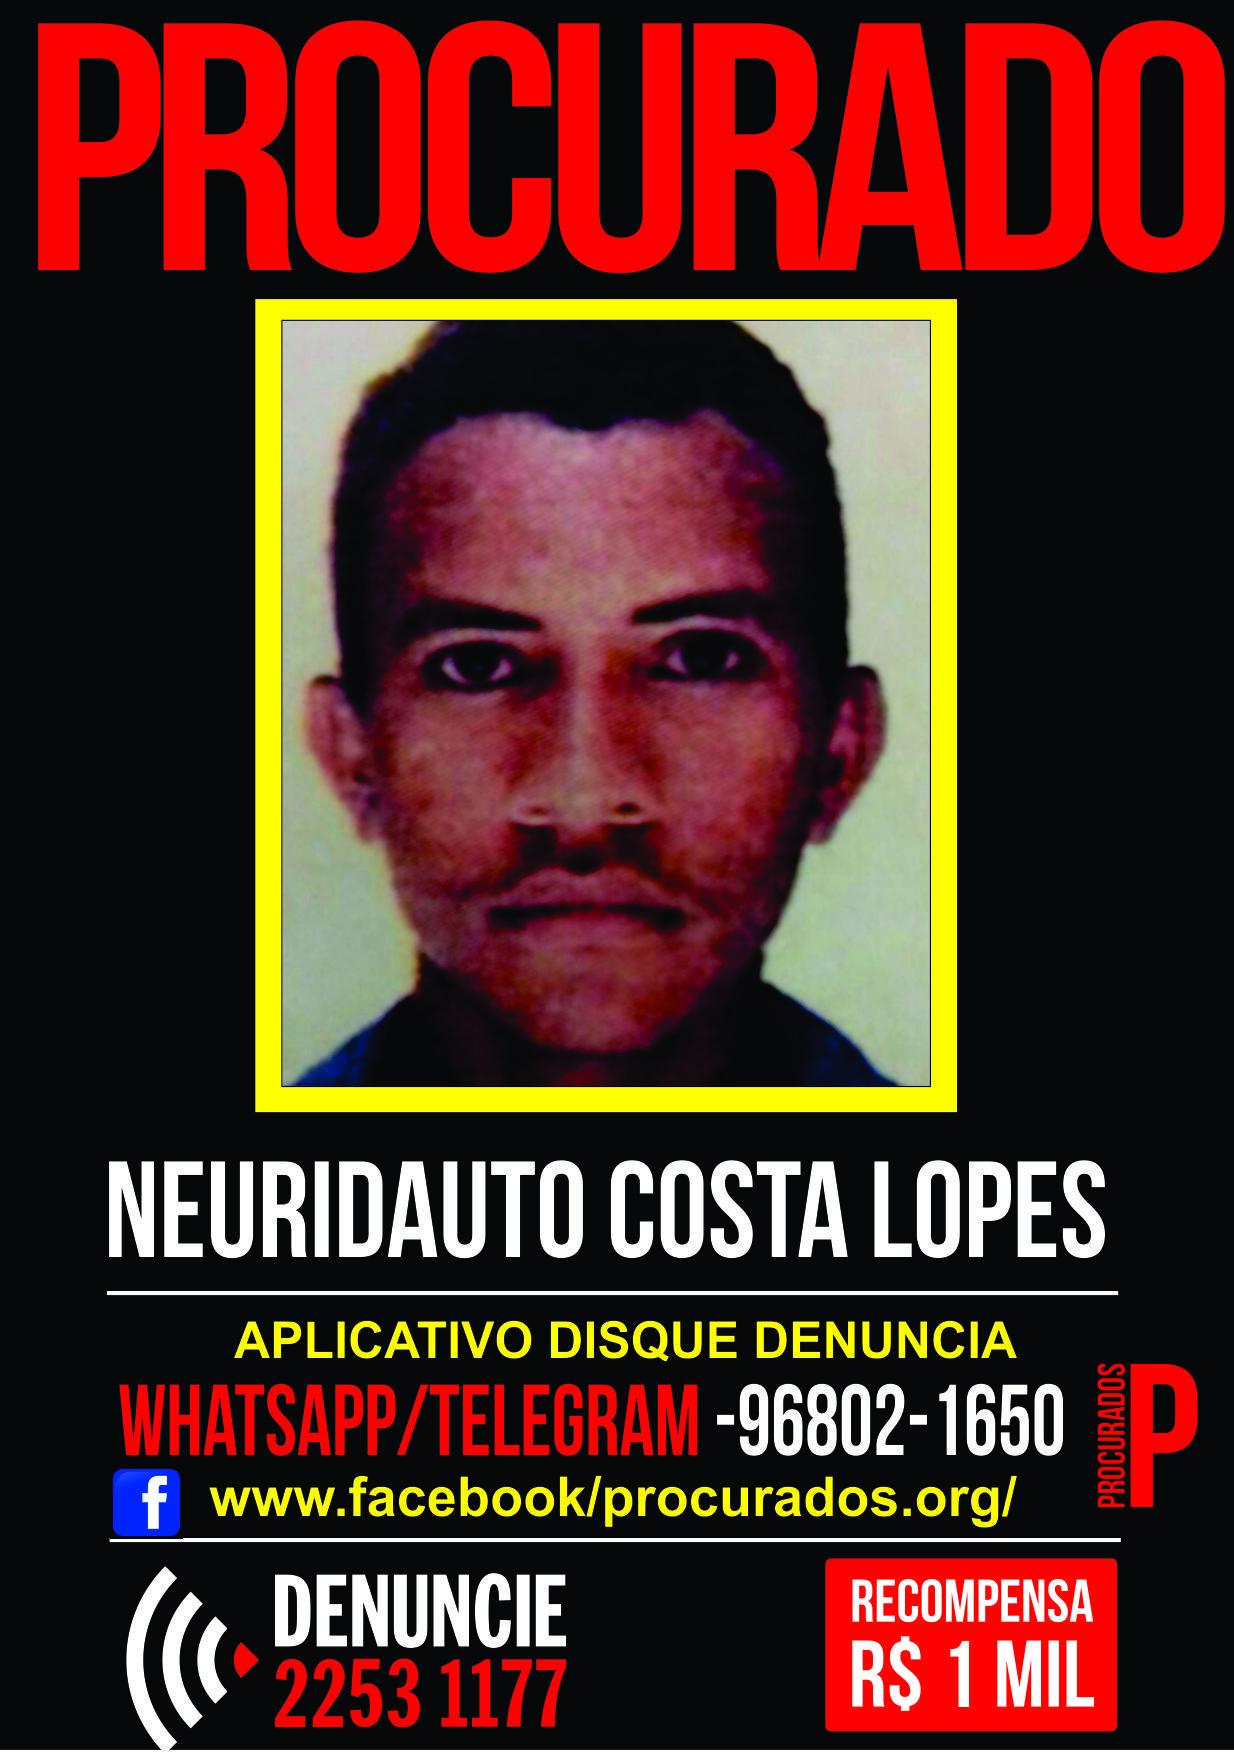 Neuridauto Costa Lopes está foragido desde janeiro. / Portal dos Procurados